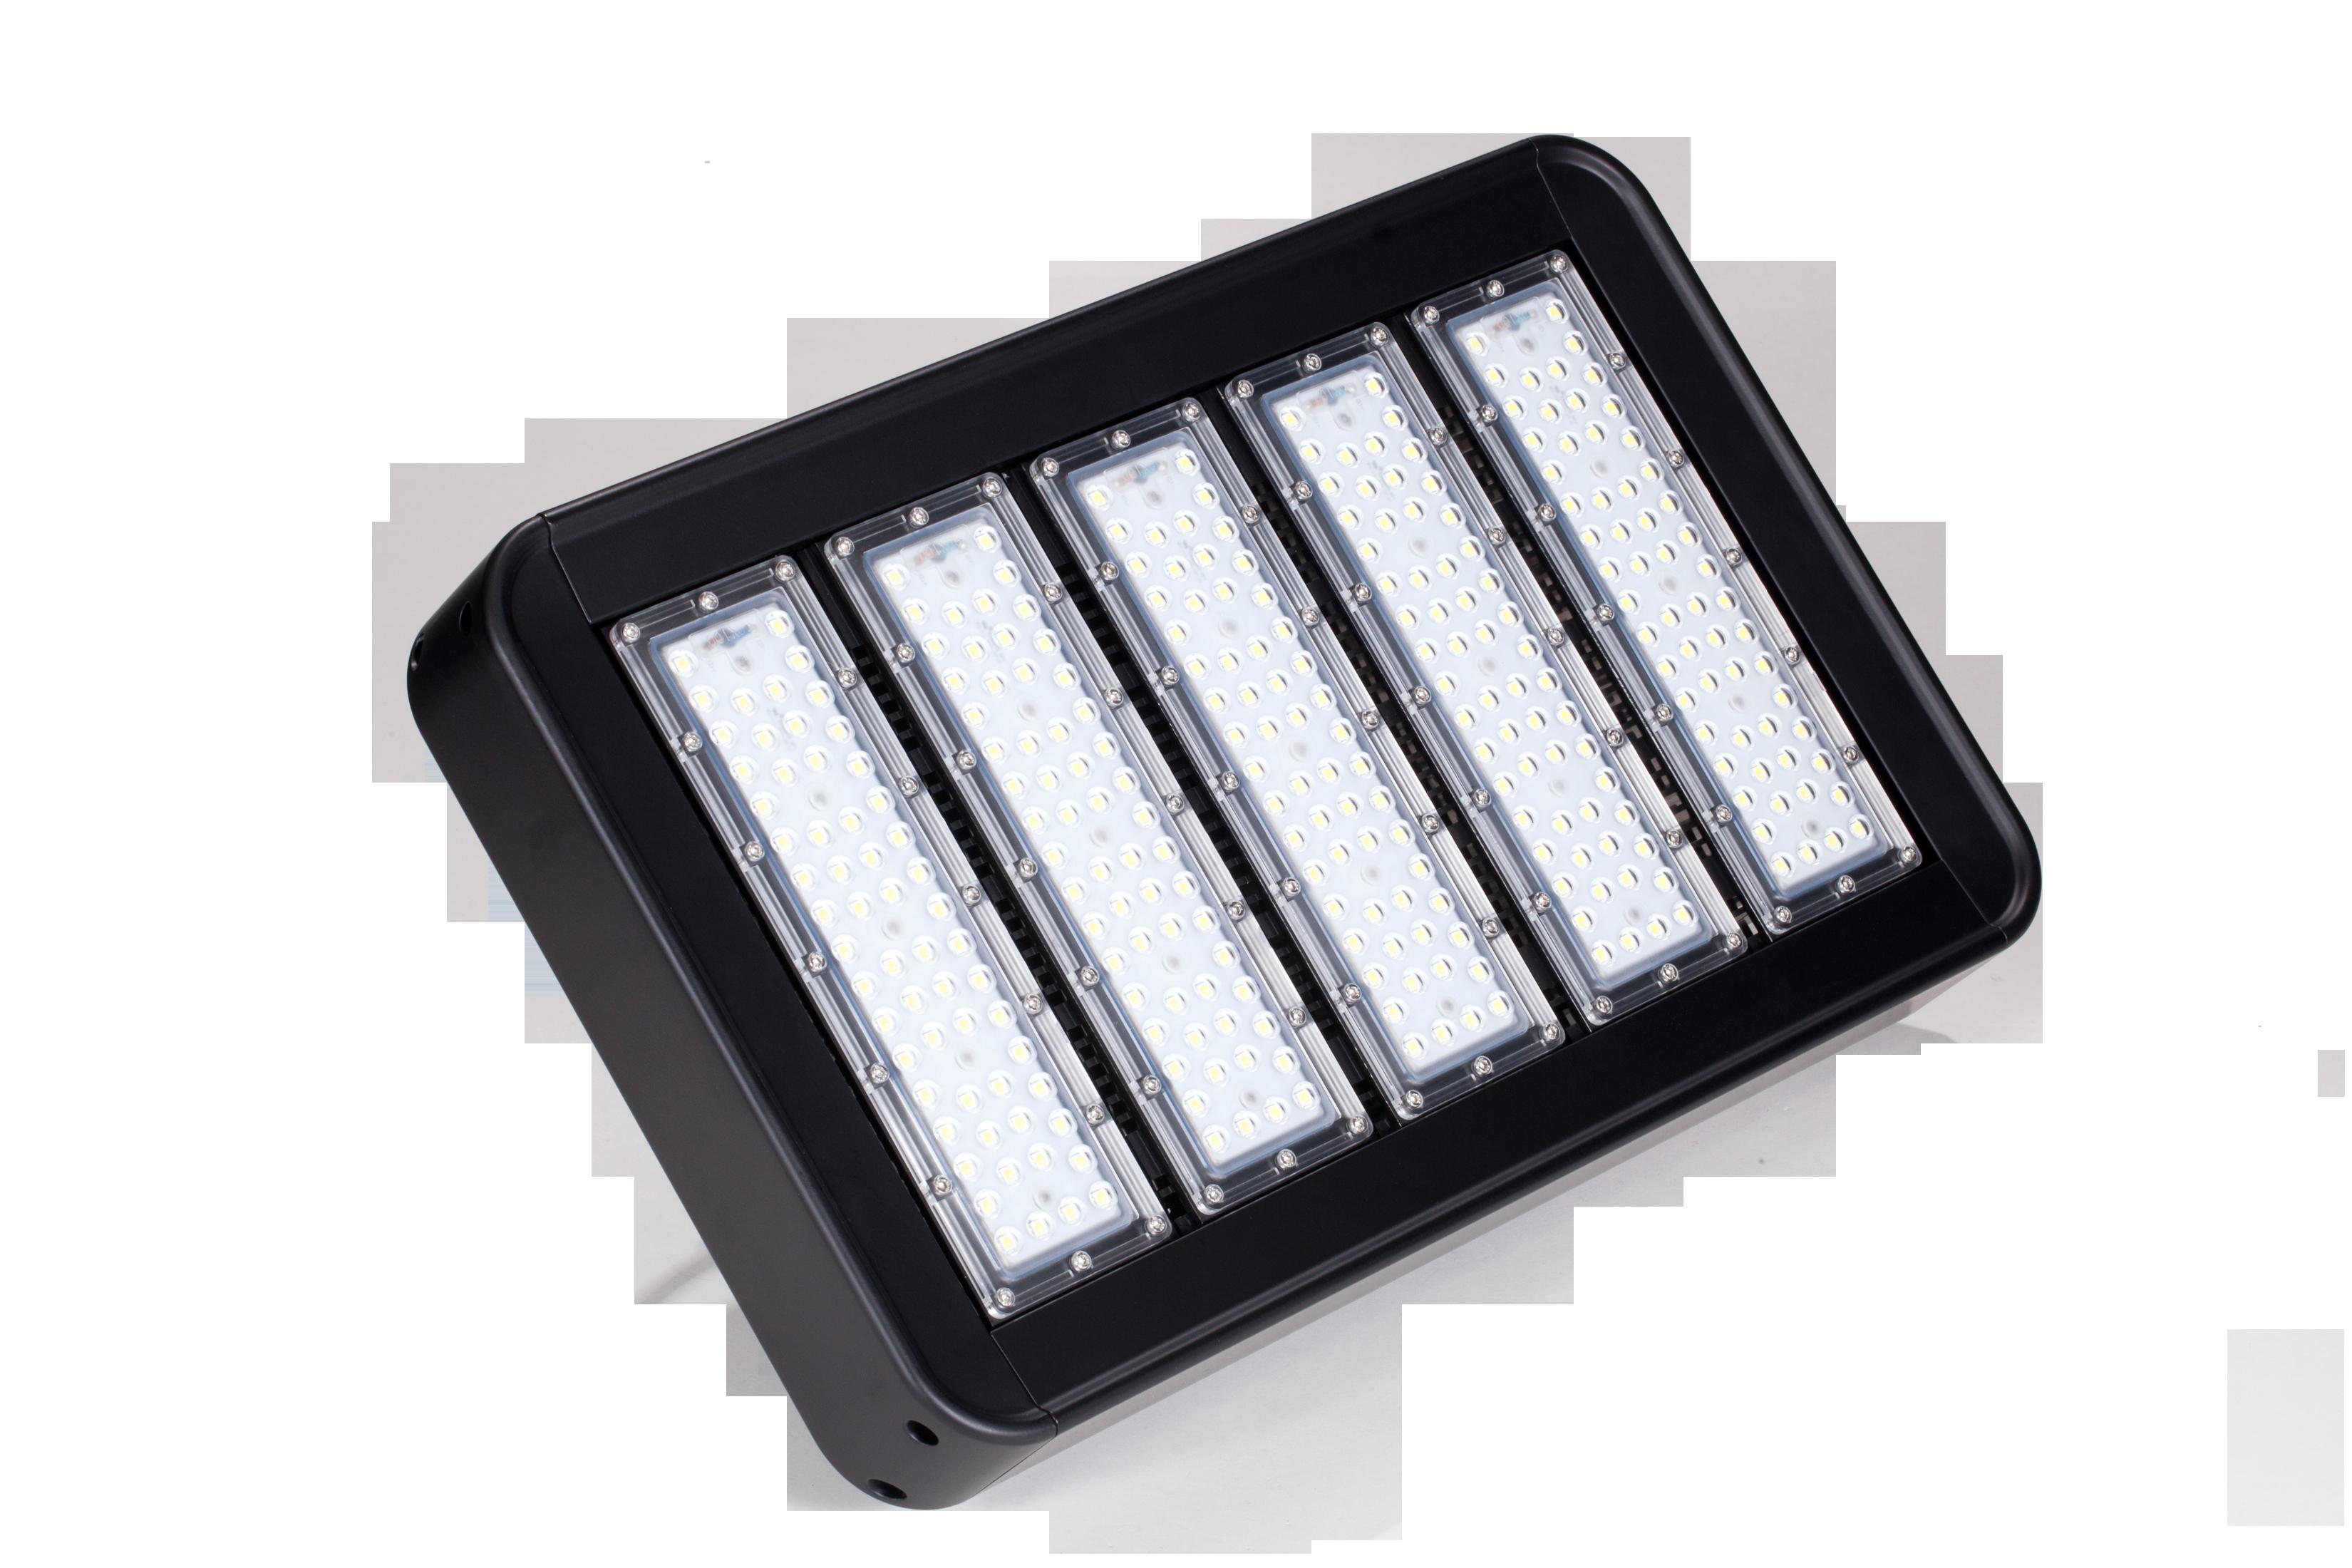 Qualité Projecteur Puissance De EfficacitéL'éclairage Et Led eE9bWYHD2I